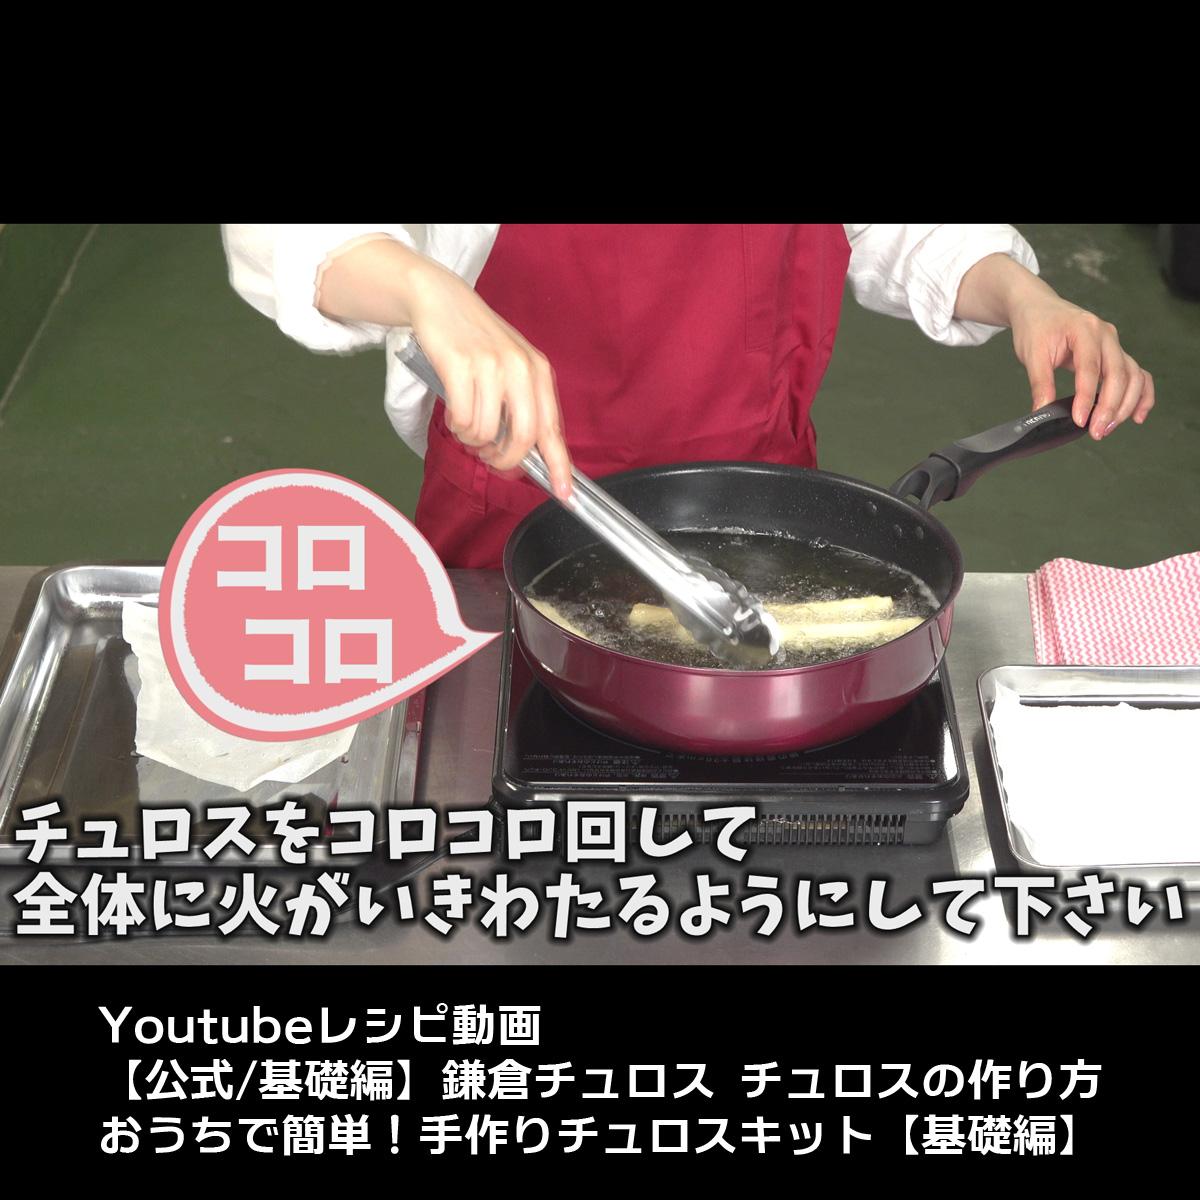 鎌倉チュロス おうちで簡単!手作りチュロスキット 画像10